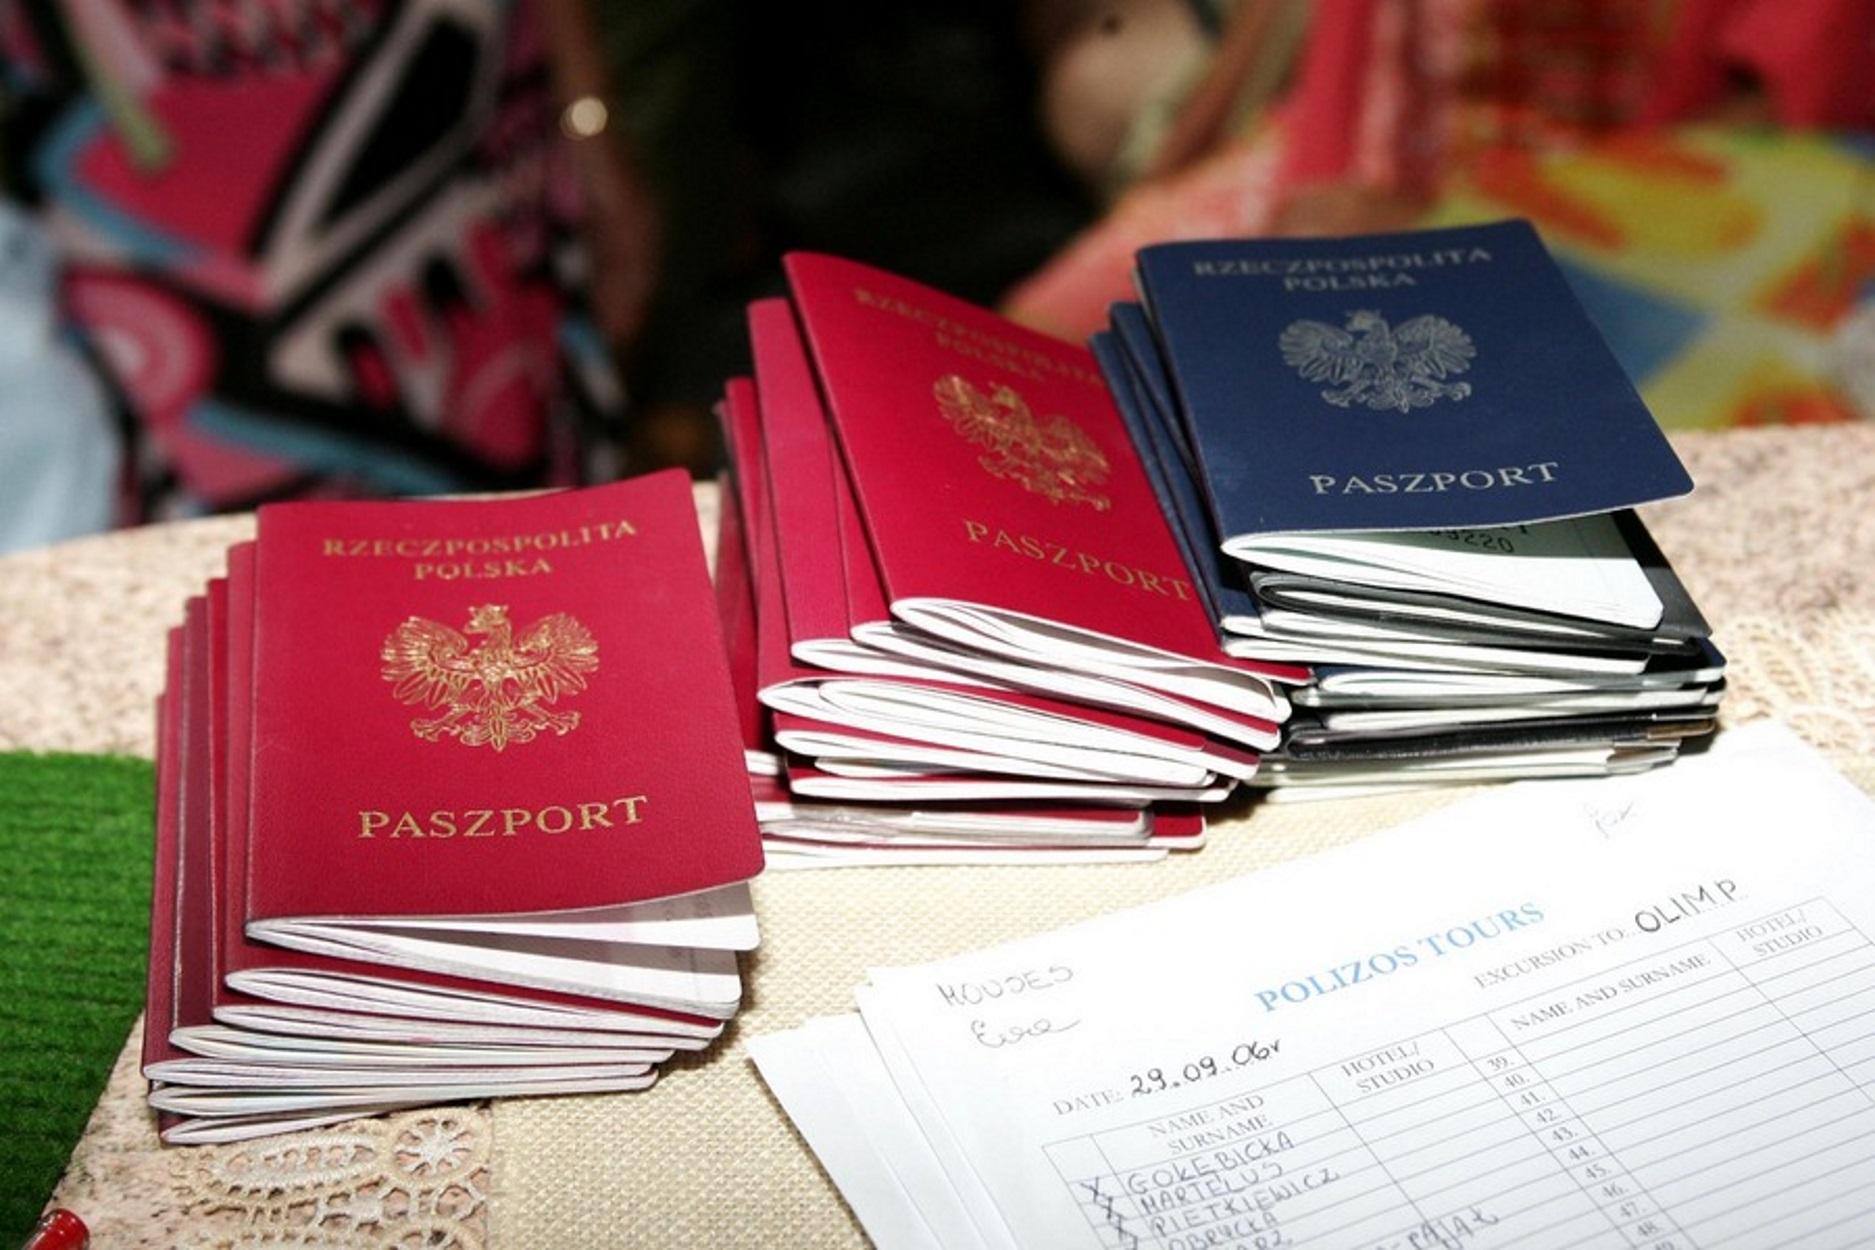 Πώς μια απλή ανανέωση διαβατηρίου «διώχνει» Χανιώτη που ζει και εργάζεται στη Μαλαισία